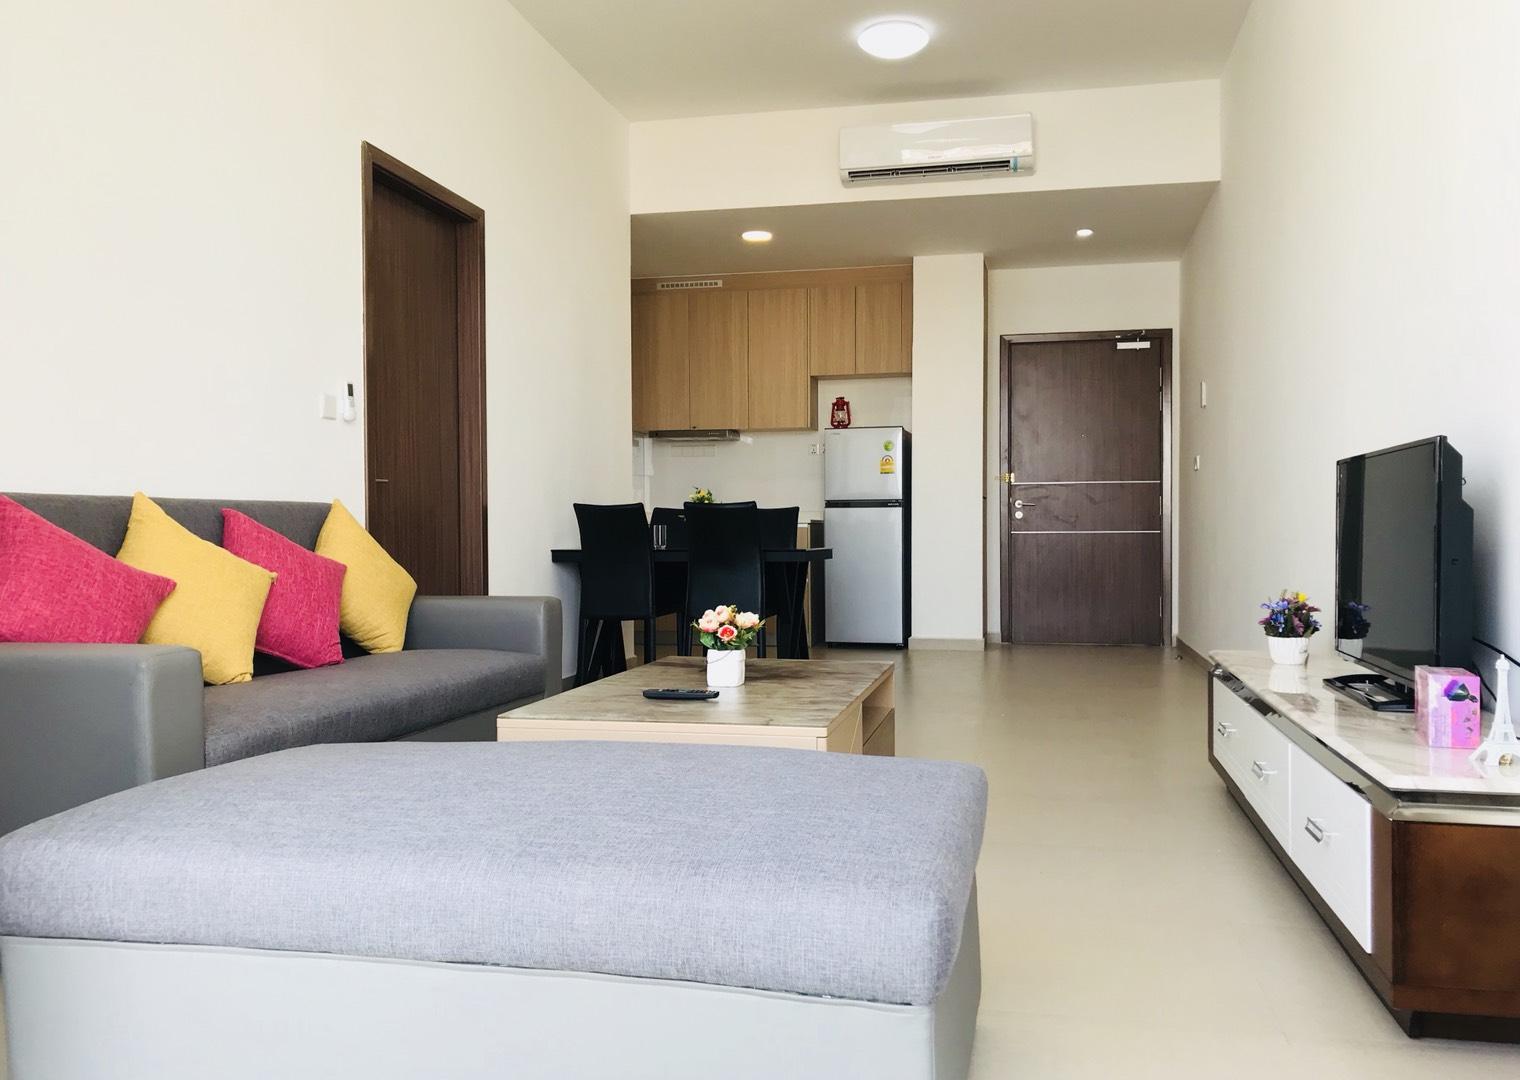 公寓出租在BKK3